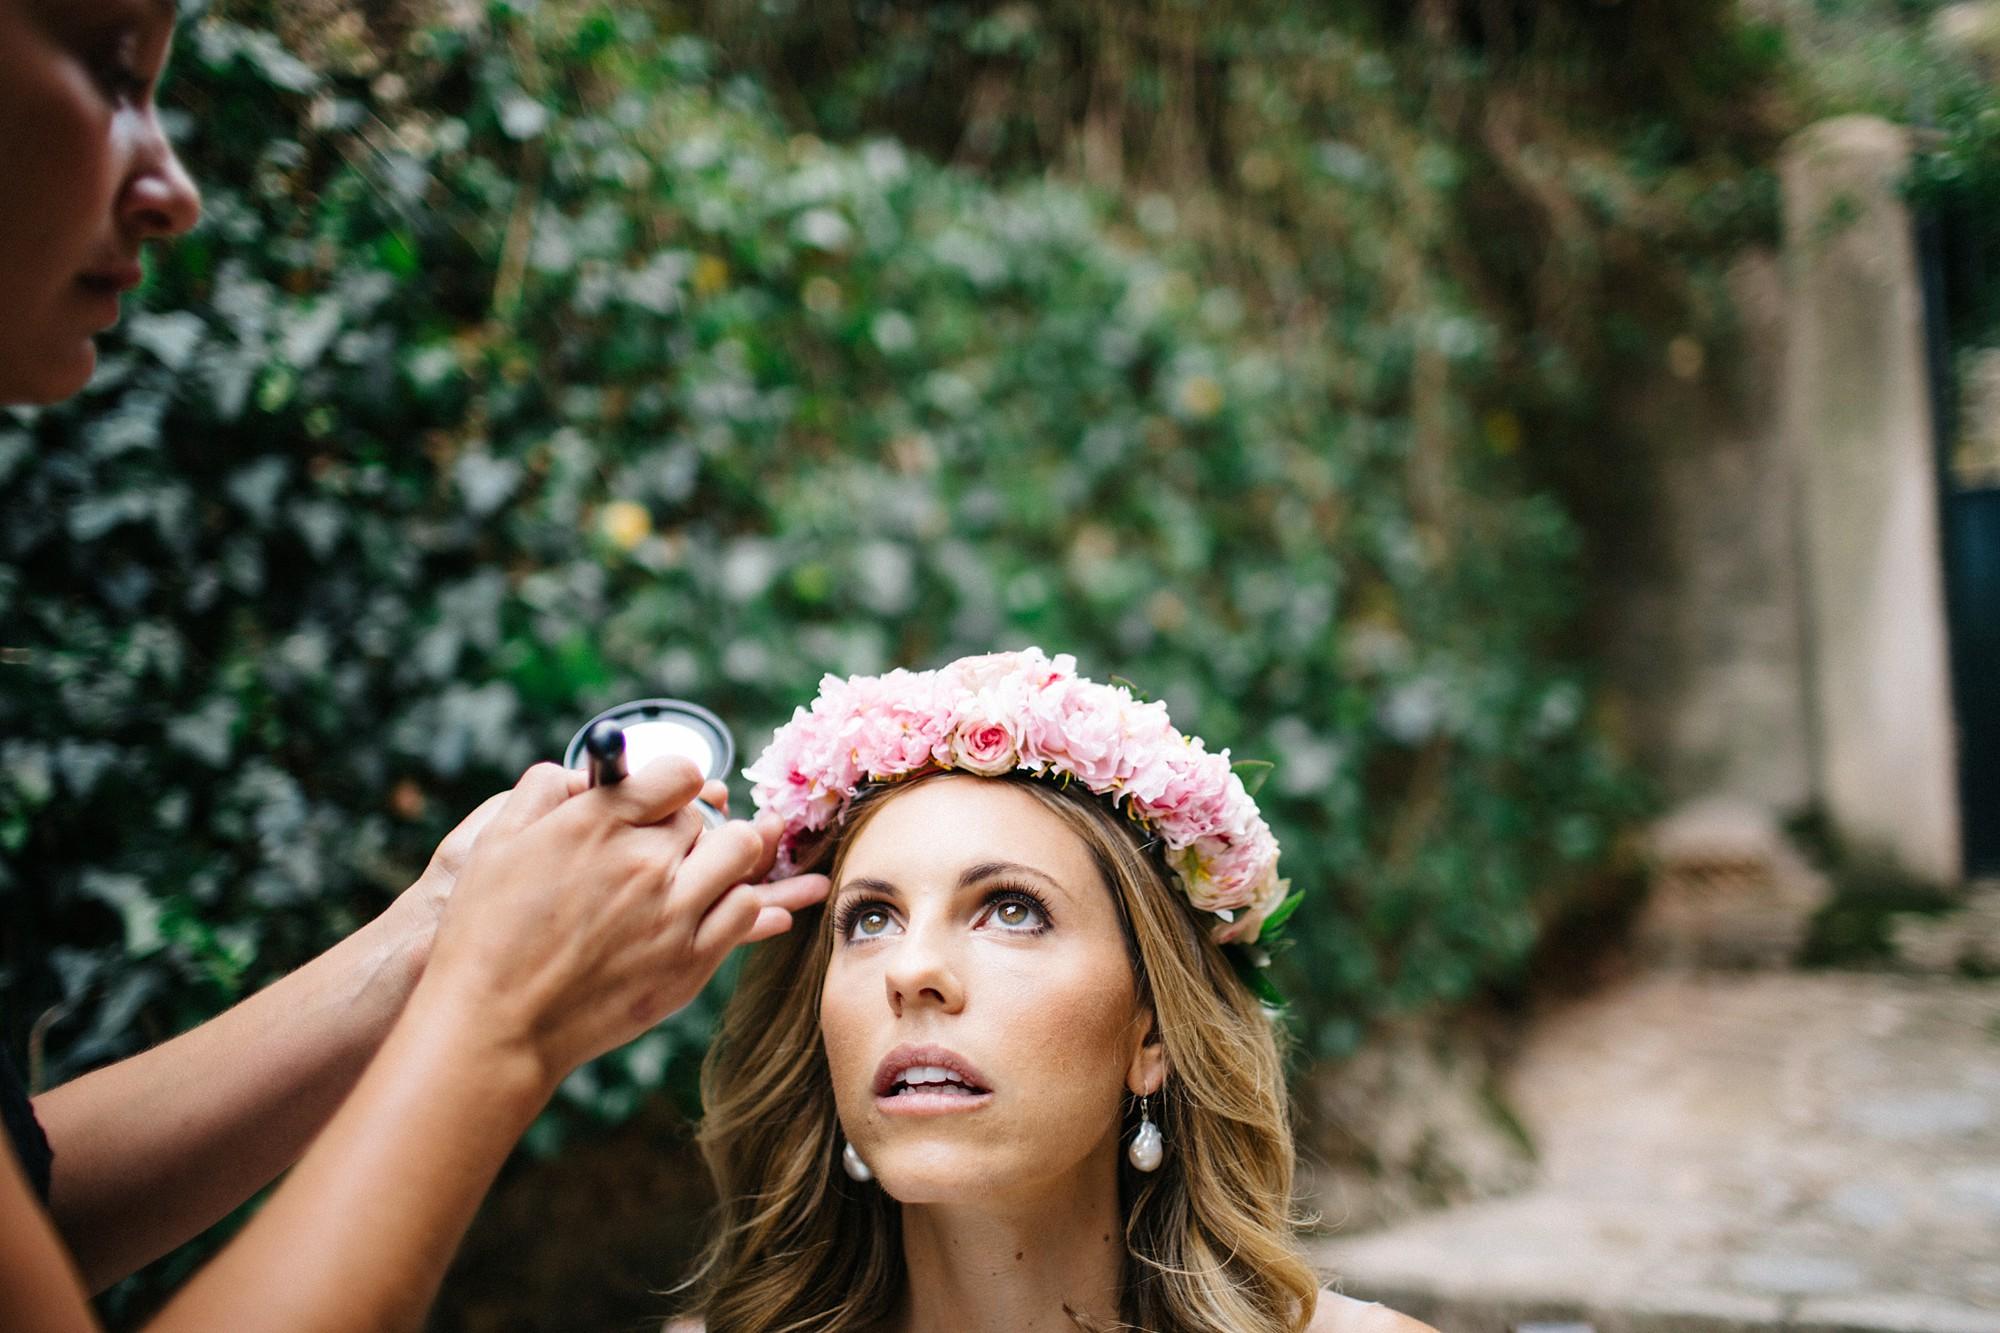 fotografos de boda en valencia barcelona mallorca wedding photographer039.jpg